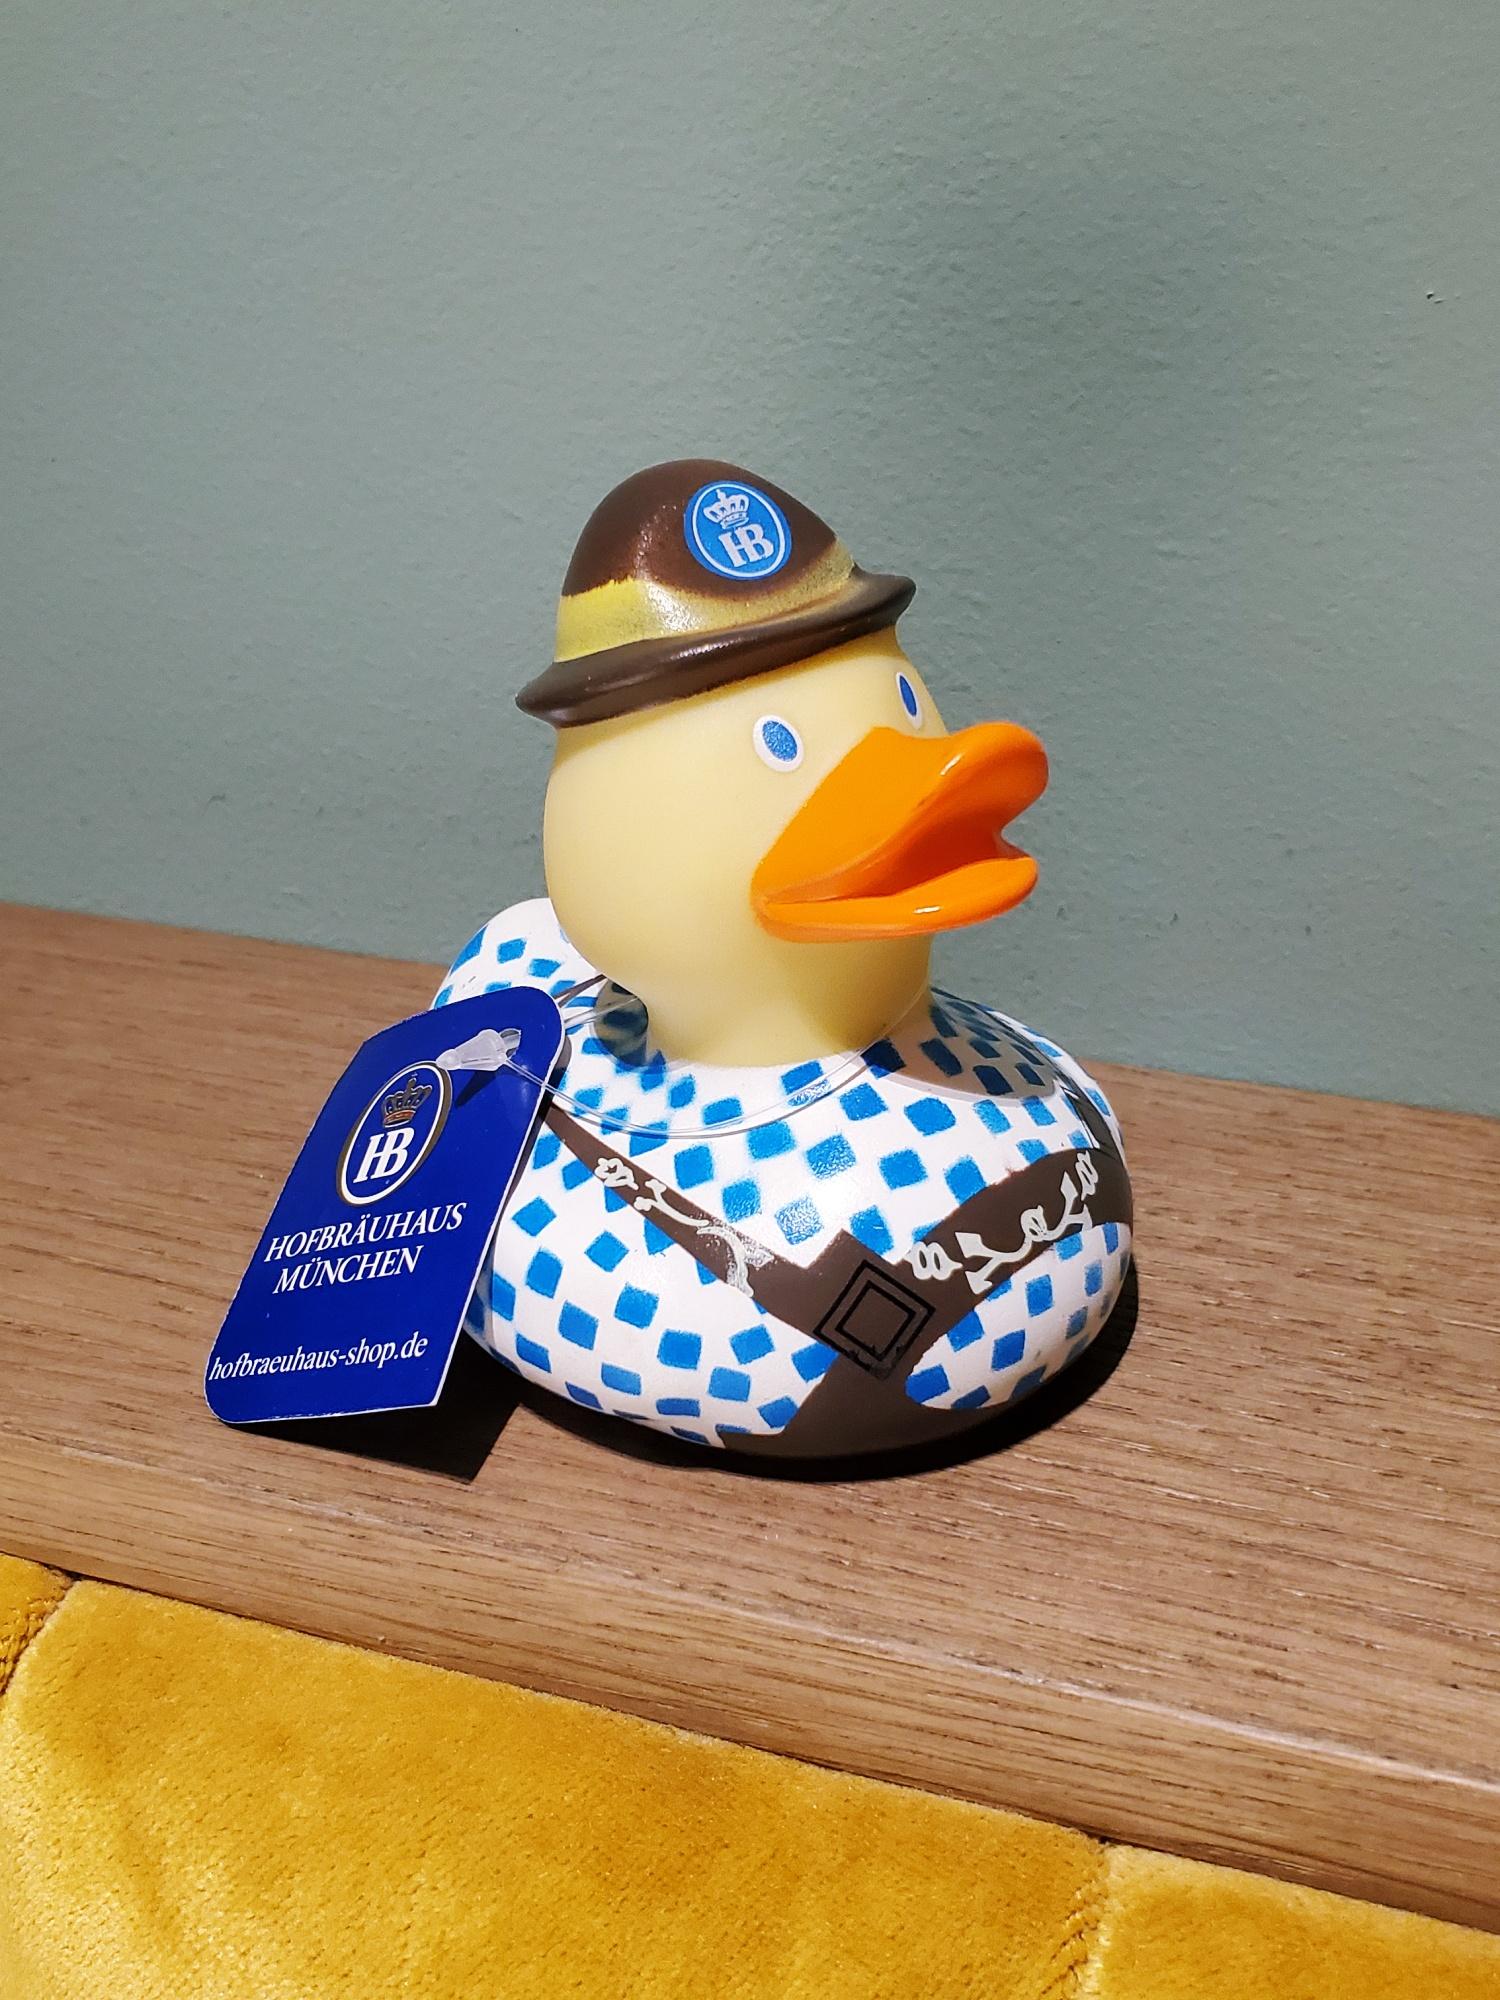 Hofbrauhaus rubber duck